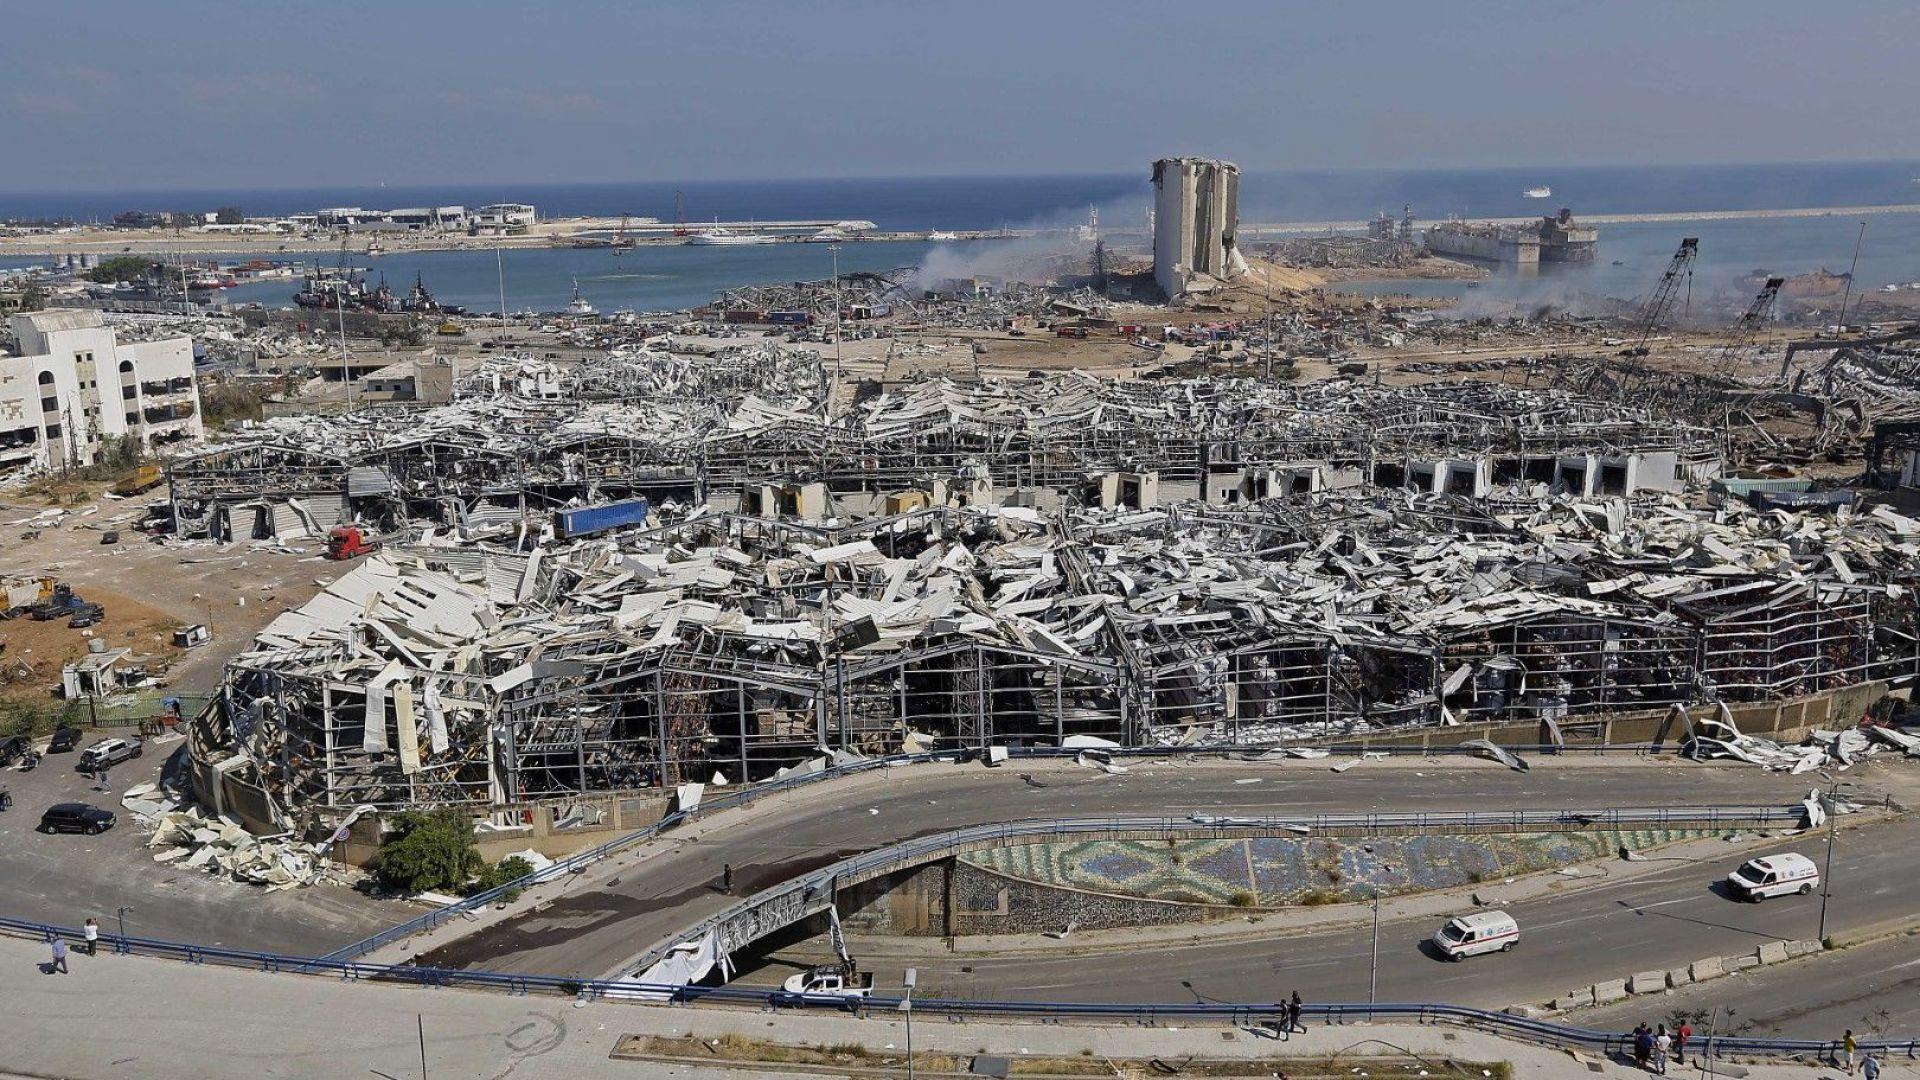 След взривовете в Бейрут: Ливан разполага със зърнени запаси за по-малко от месец